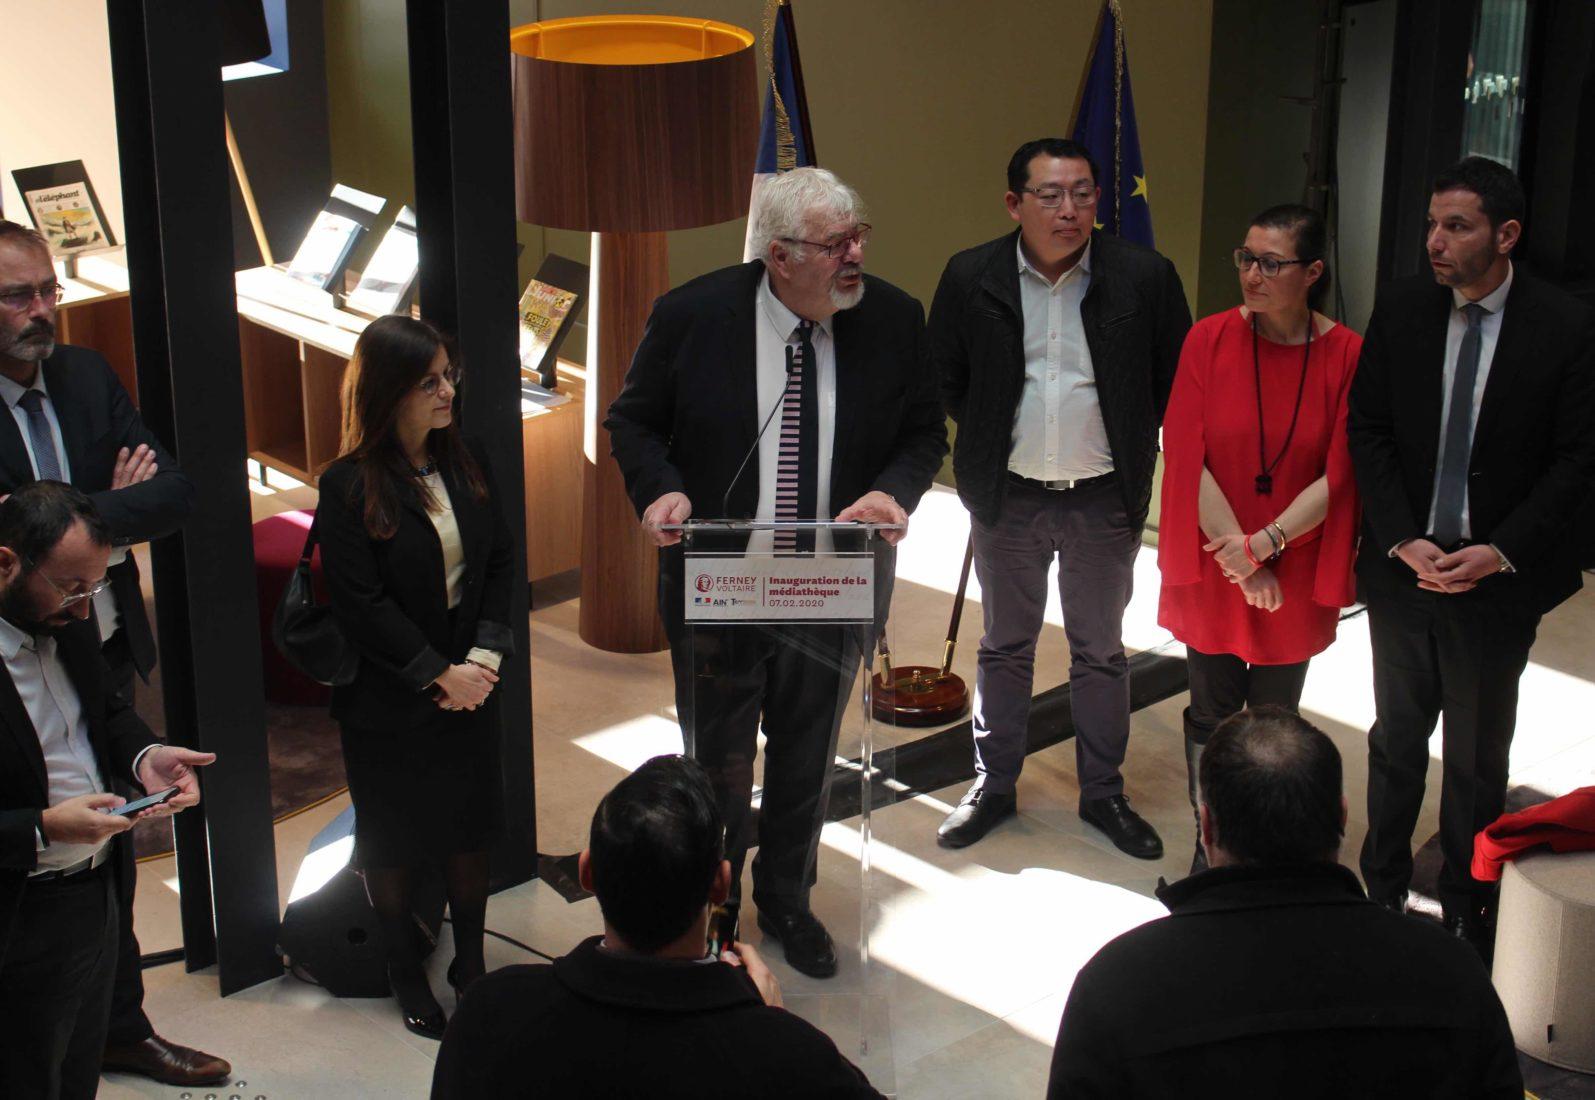 médiathèque de Ferney-Voltaire Daniel Raphoz, le maire